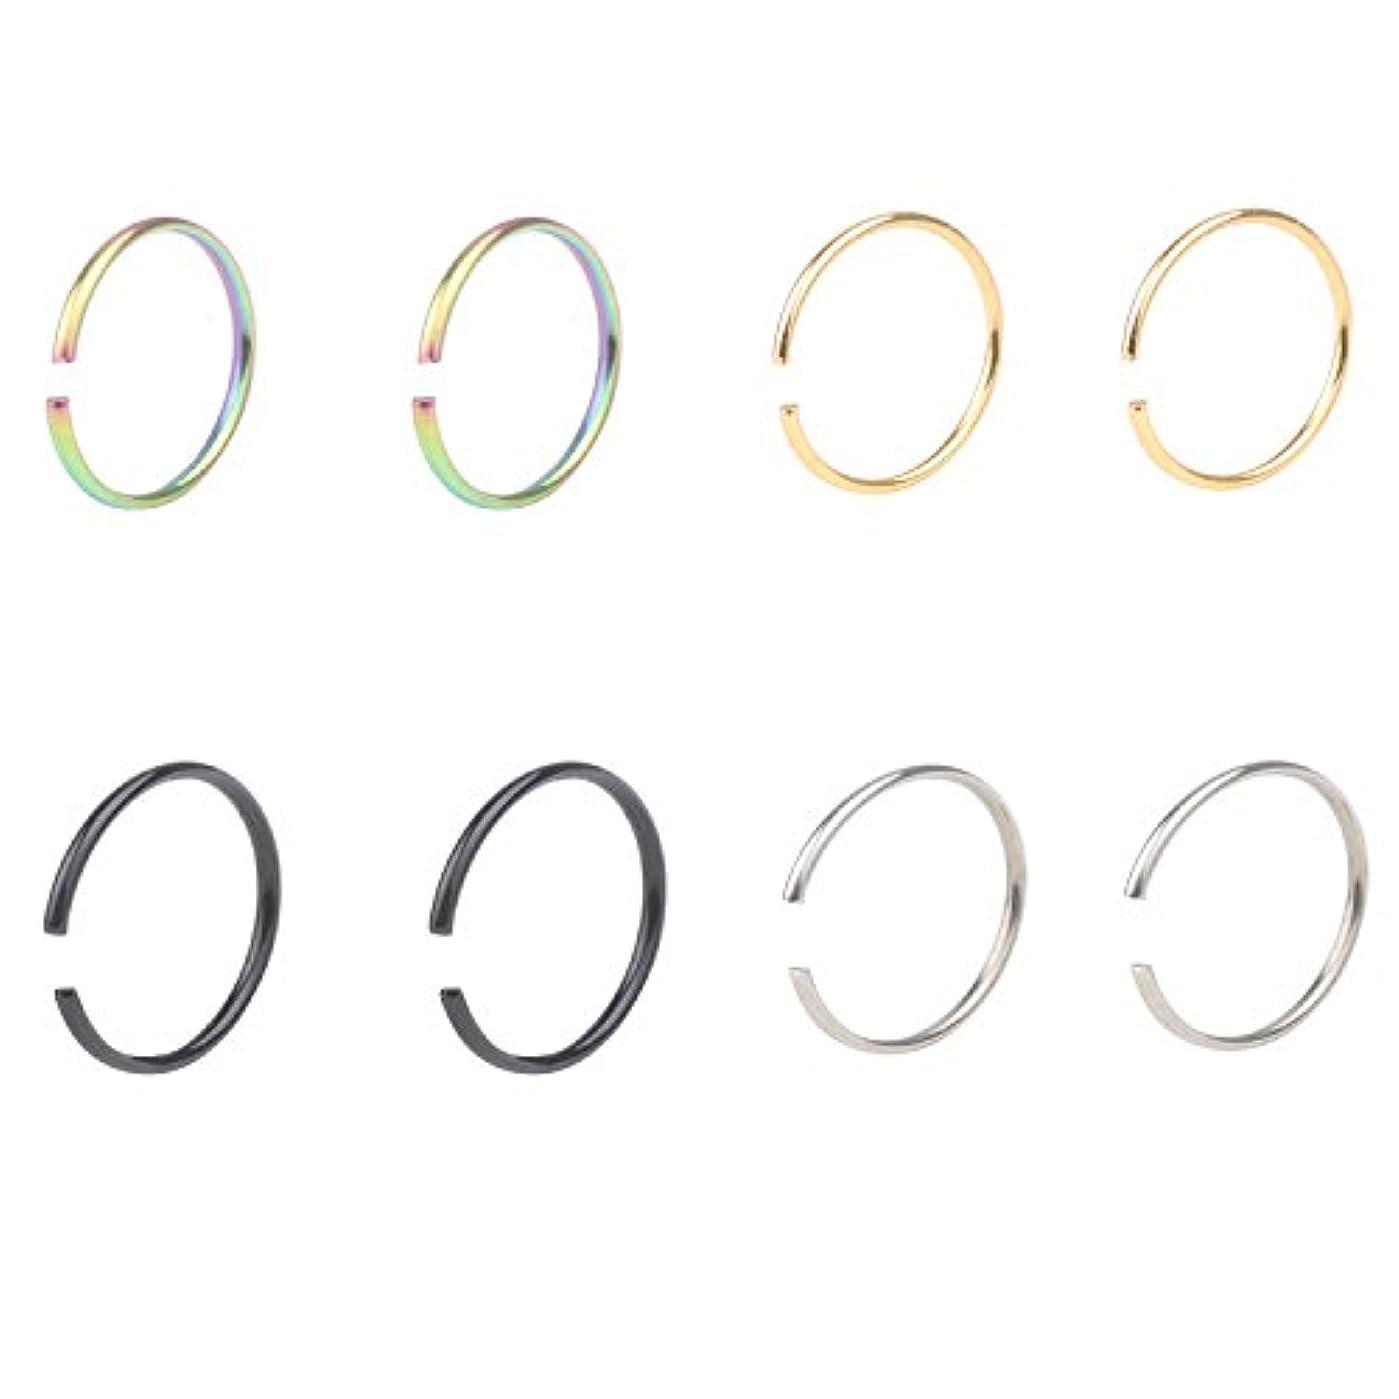 予知王室いろいろ22 gステンレススチールnon-piercing Fakeクリップon式イヤリングラウンドらせん軟骨トラガス鼻リップ耳フープ10 mm